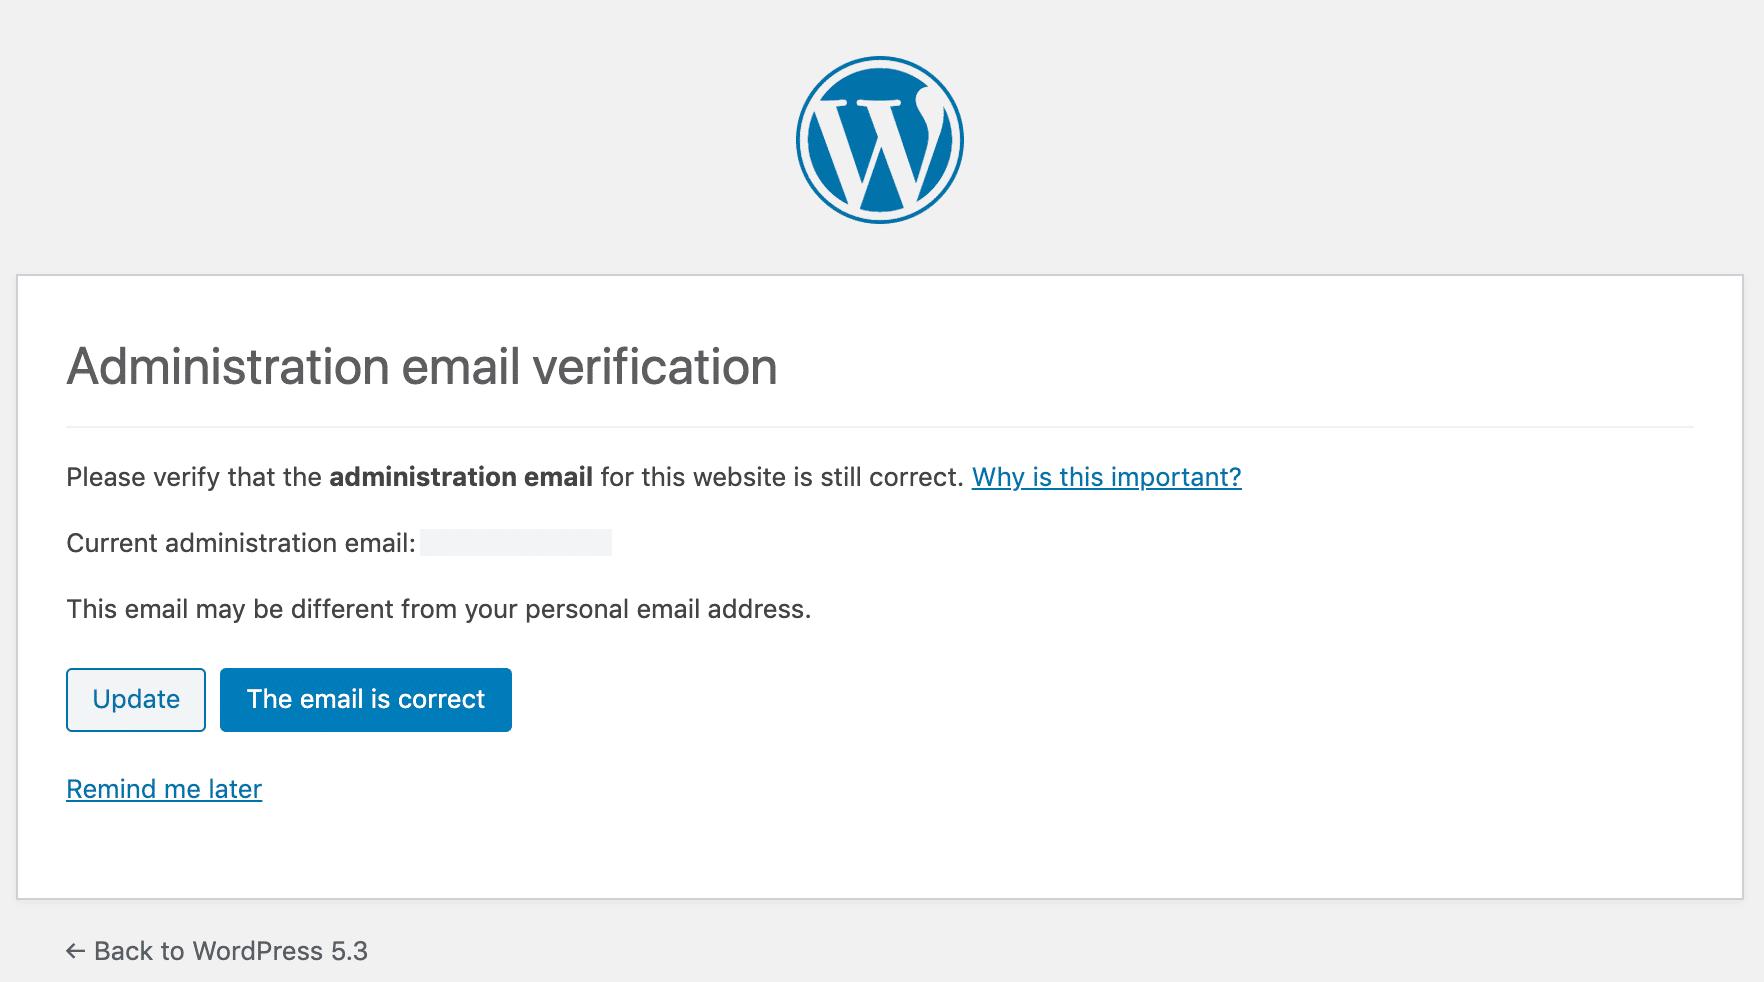 Verificación del correo electrónico del administrador